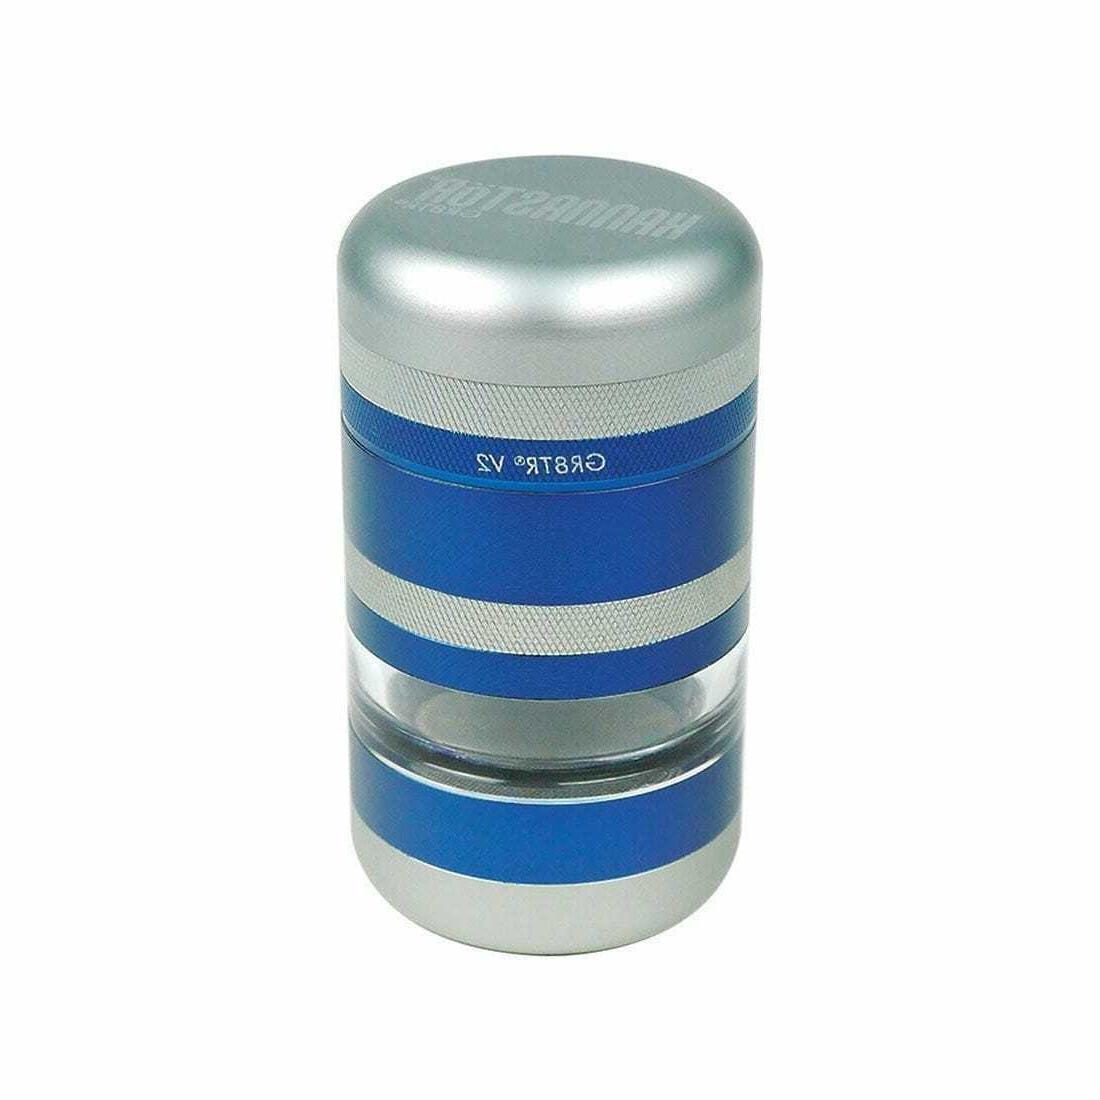 gr8tr v2 blue grinder jar body easy